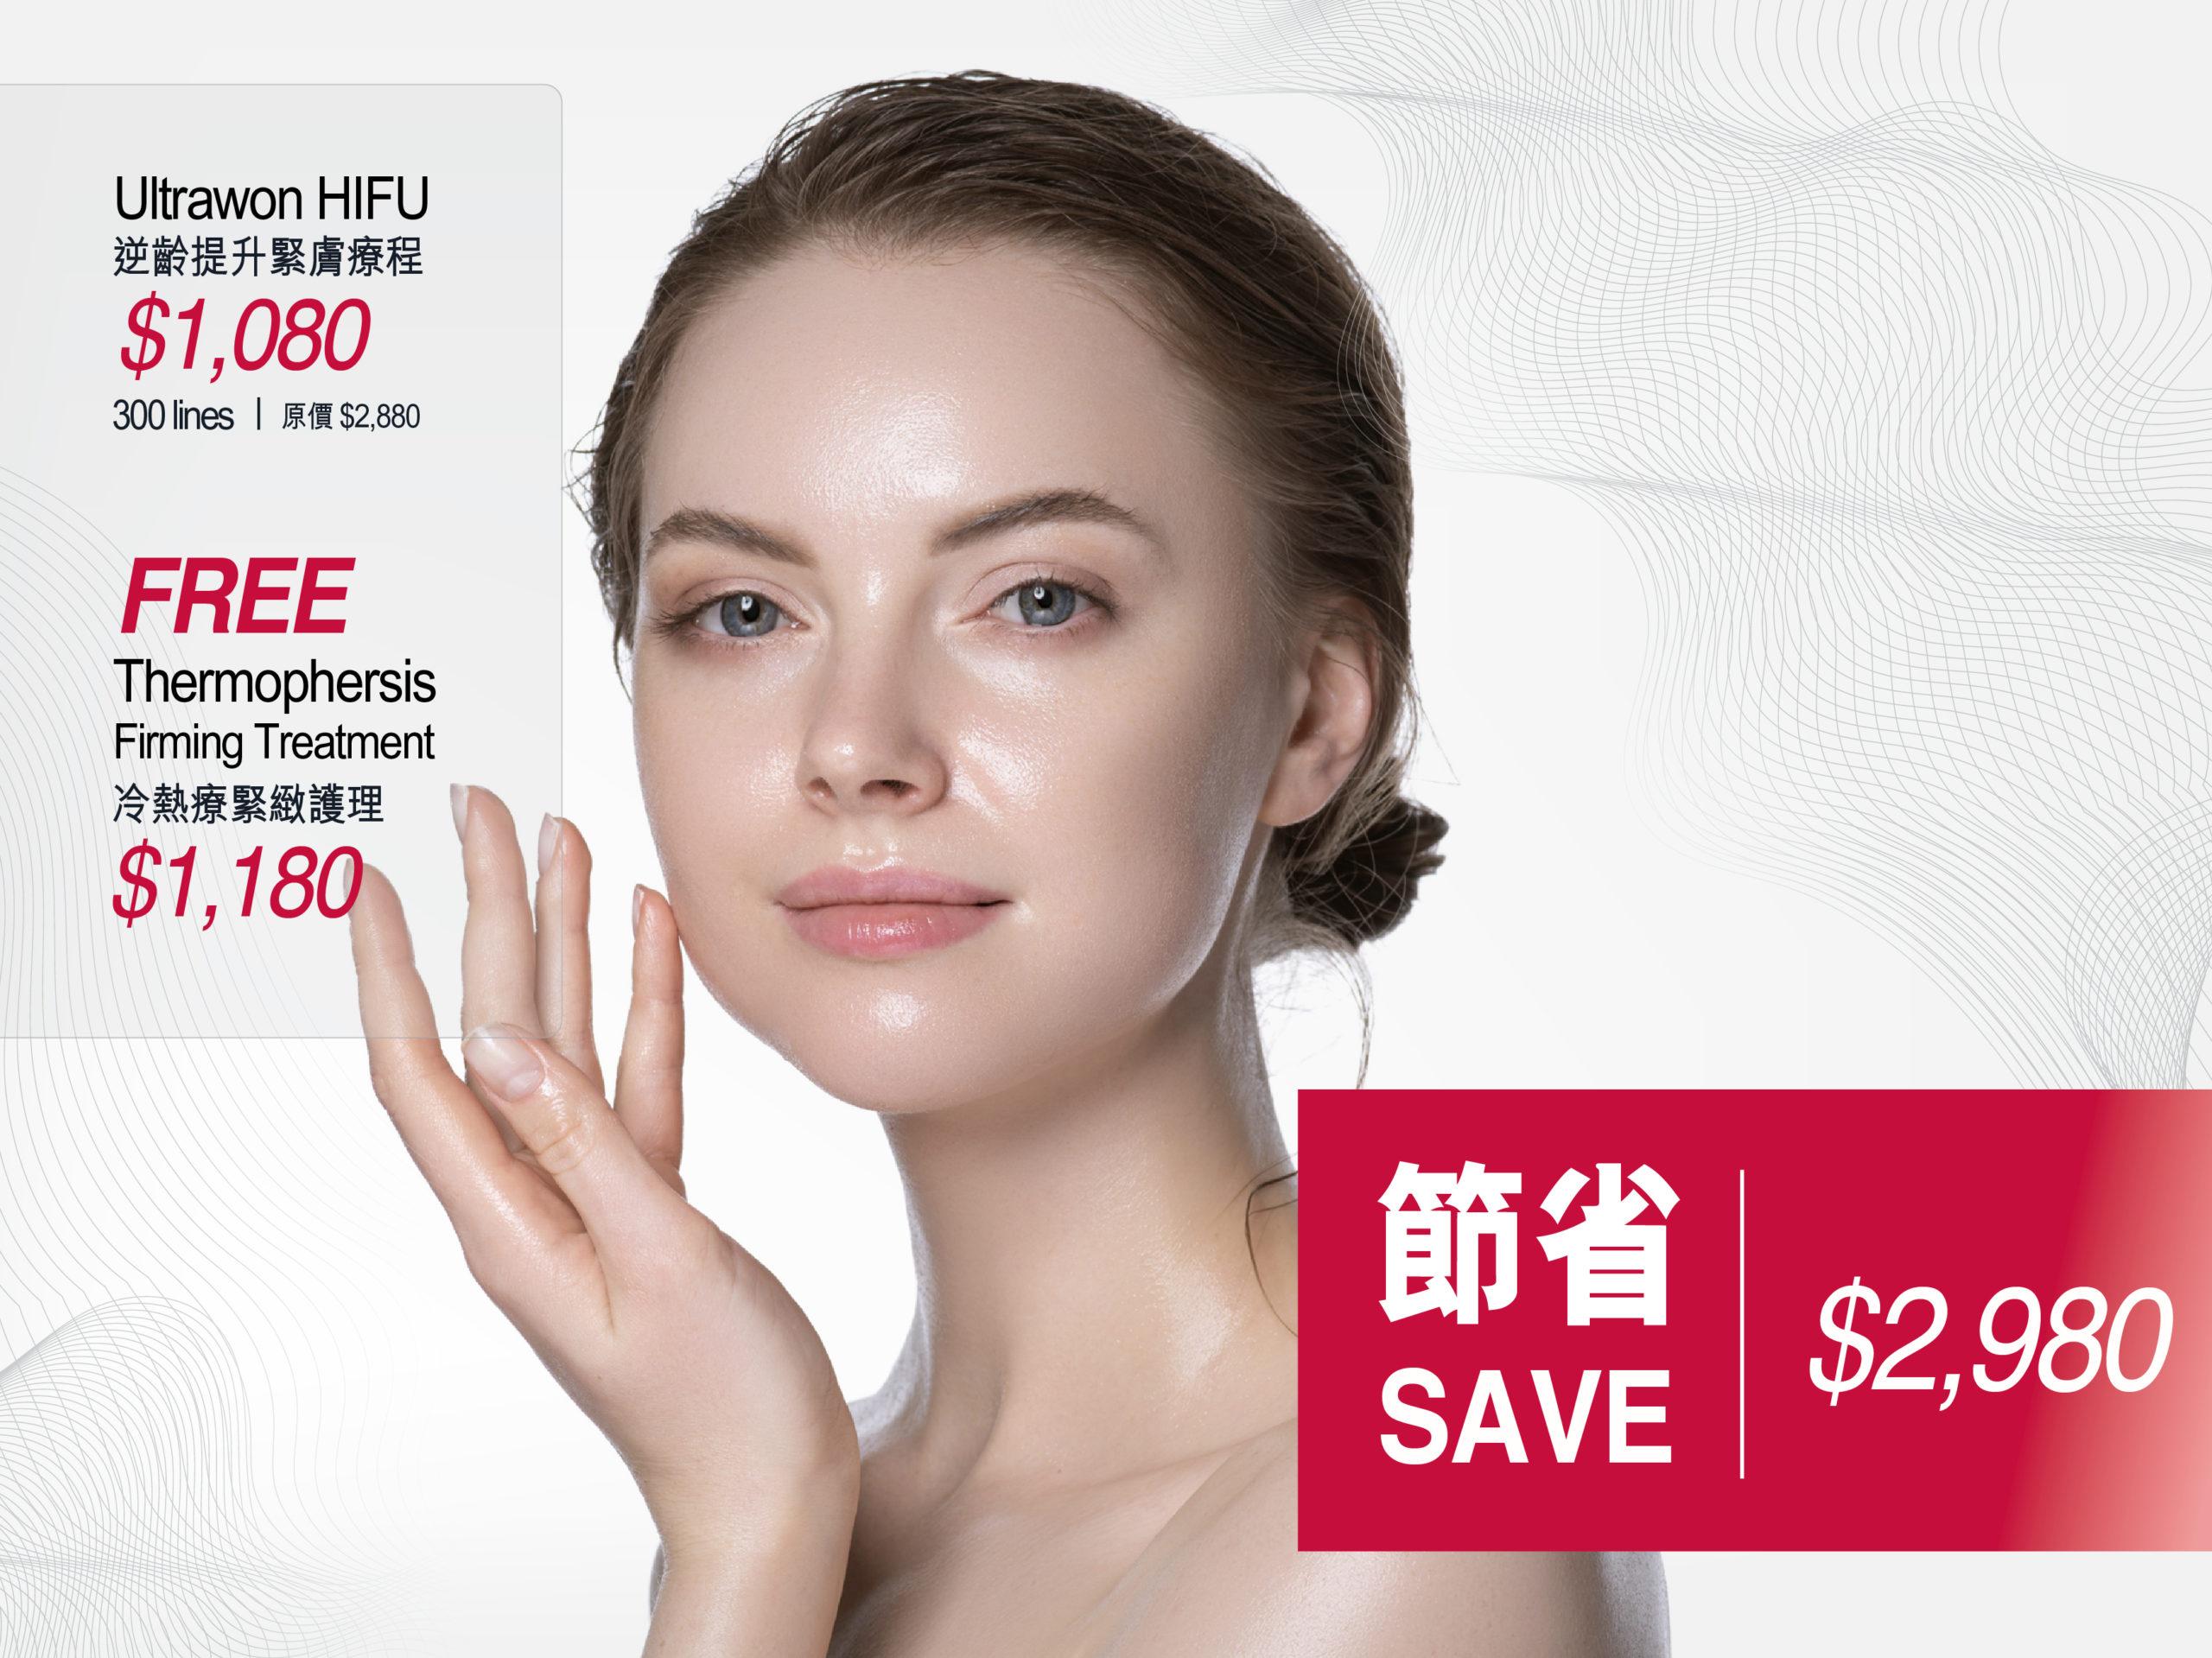 限時優惠,以優惠價購買Ultrawon Hifu逆齡提升緊膚療程,同時免費享用冷熱療緊緻護理